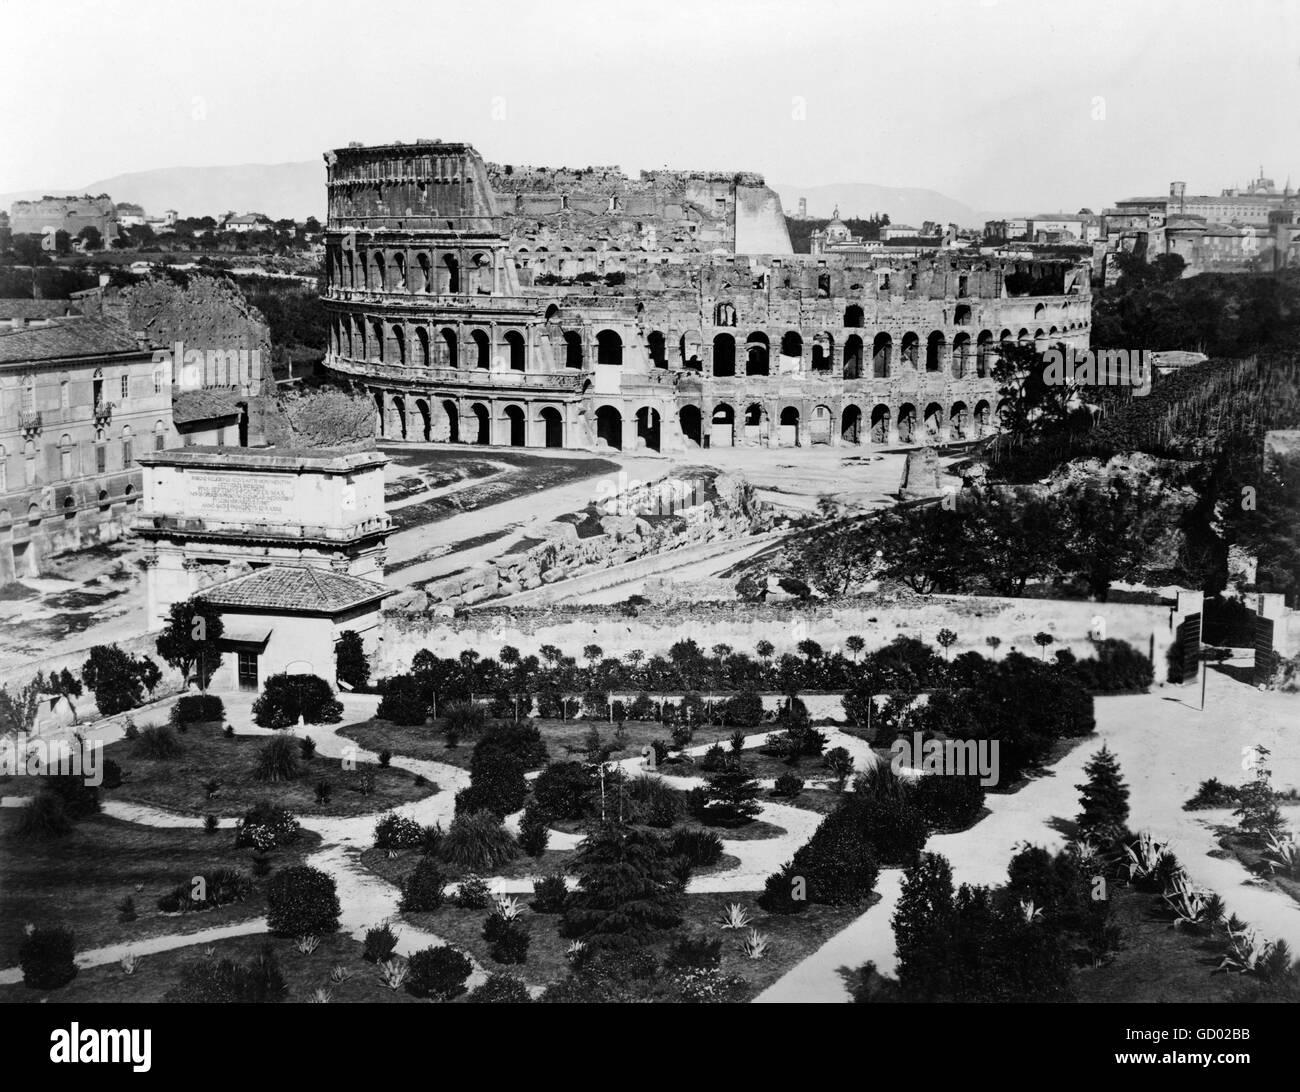 Colisée, Rome. 19e siècle vue du Colisée à Rome. Photo prise entre 1860 et 1890 Photo Stock